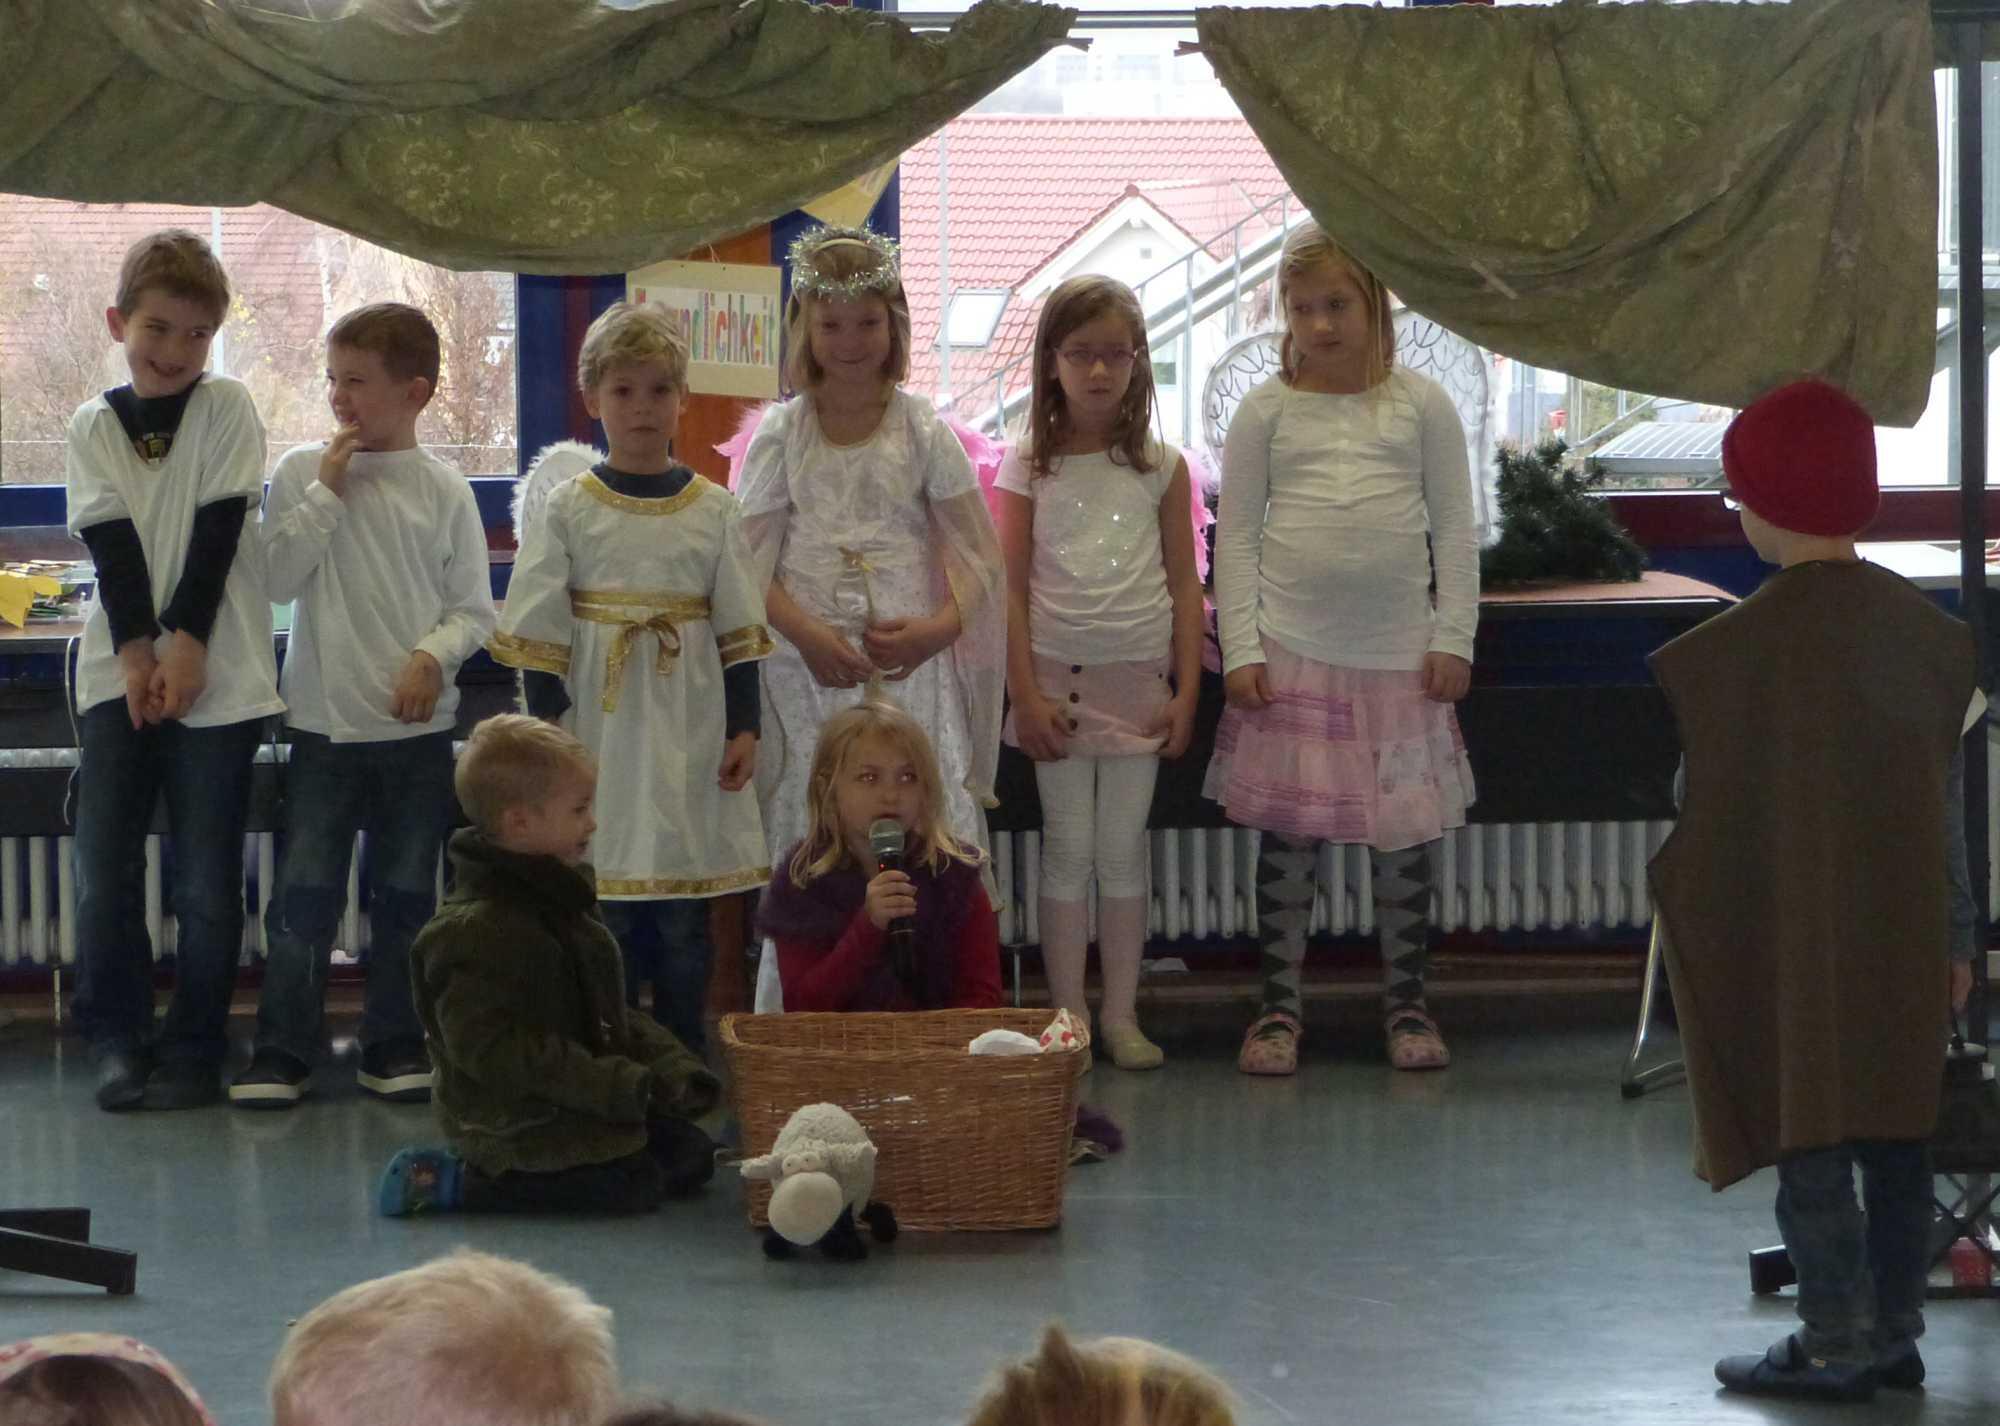 2014.12.19. Schulversammlung Theaterstück 1. Klassen